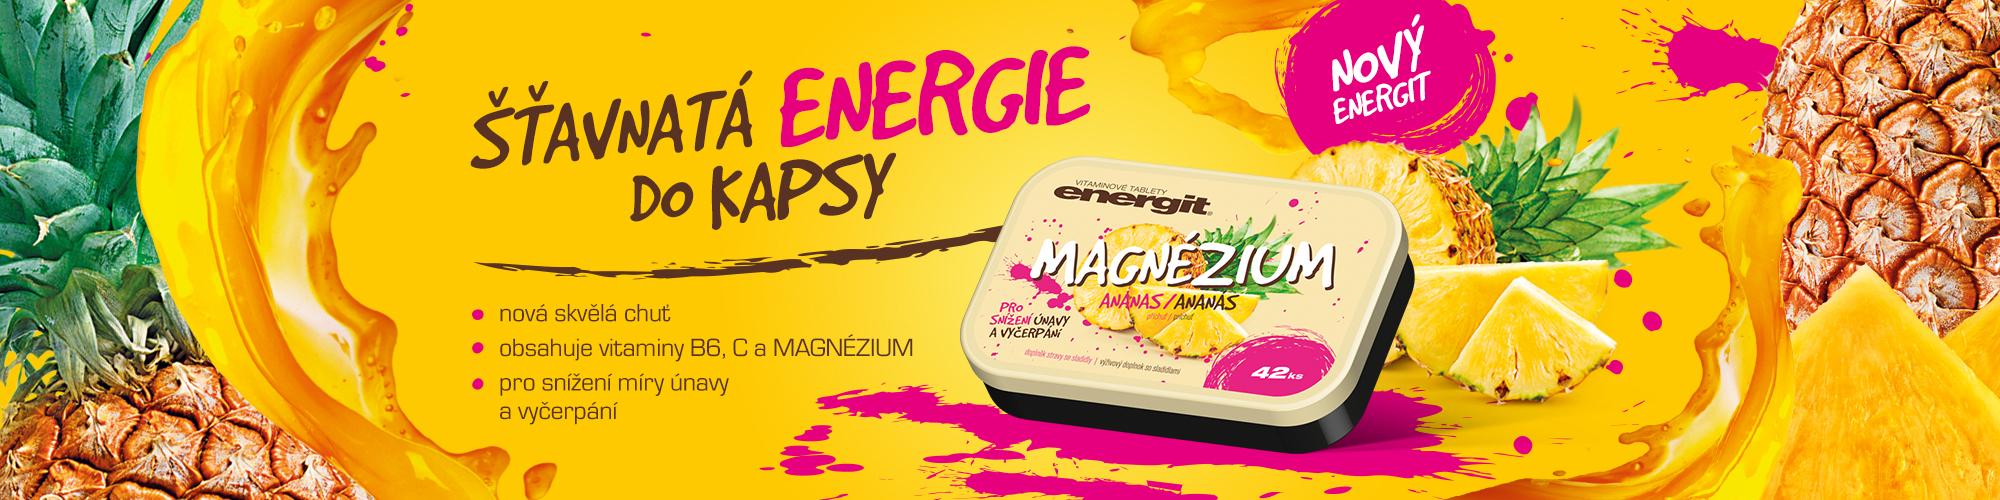 Energit Magnézium